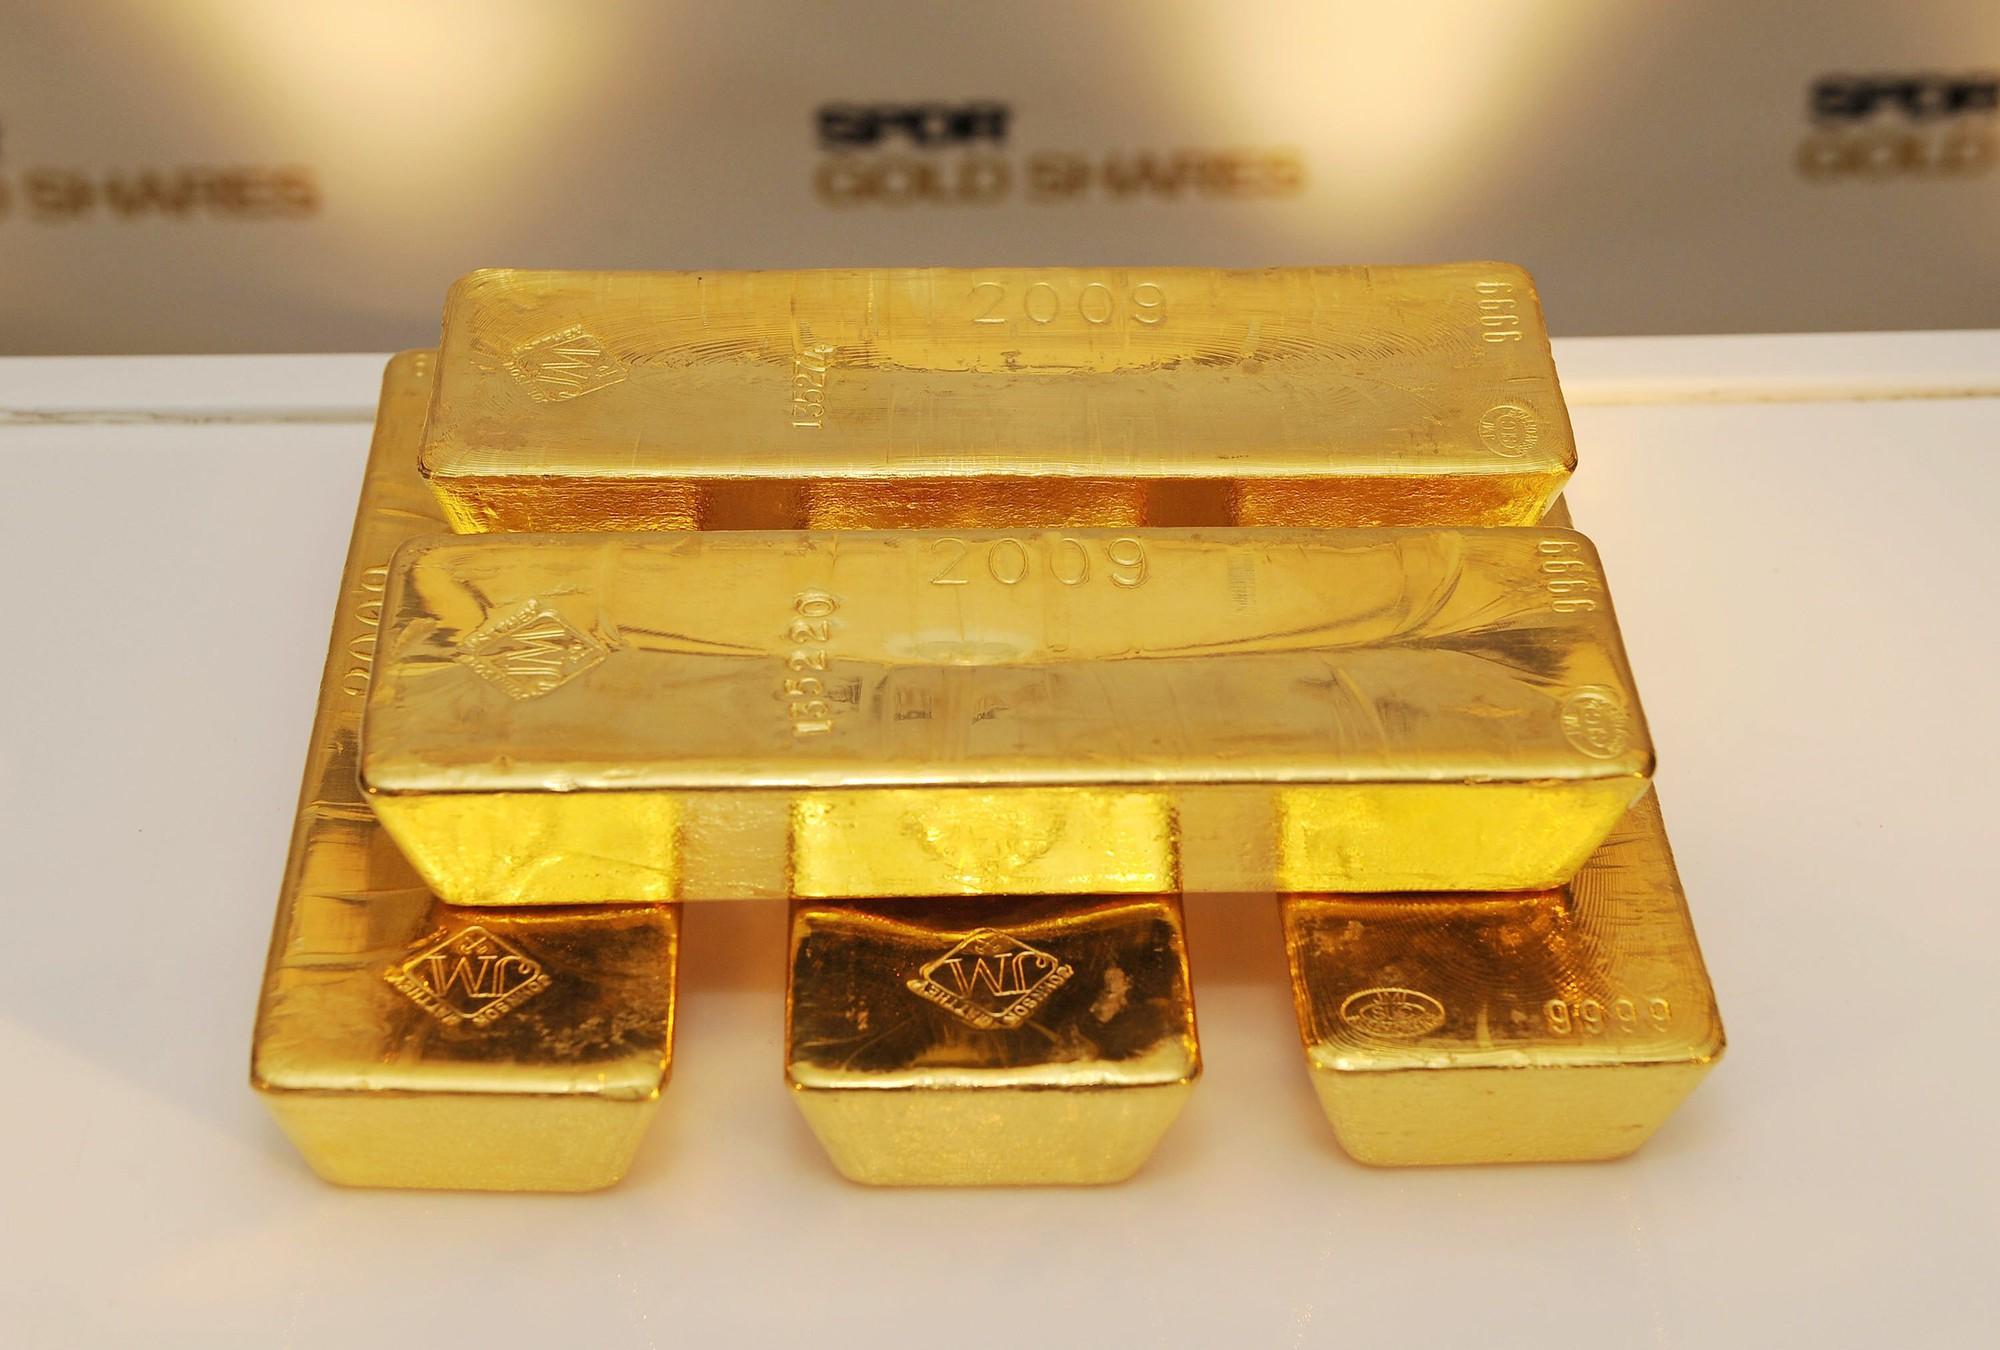 Dự báo giá vàng tuần tới: Tiếp tục đà đi lên sau khi đạt mức tăng hàng tuần lớn nhất kể từ năm 2008  - Ảnh 1.